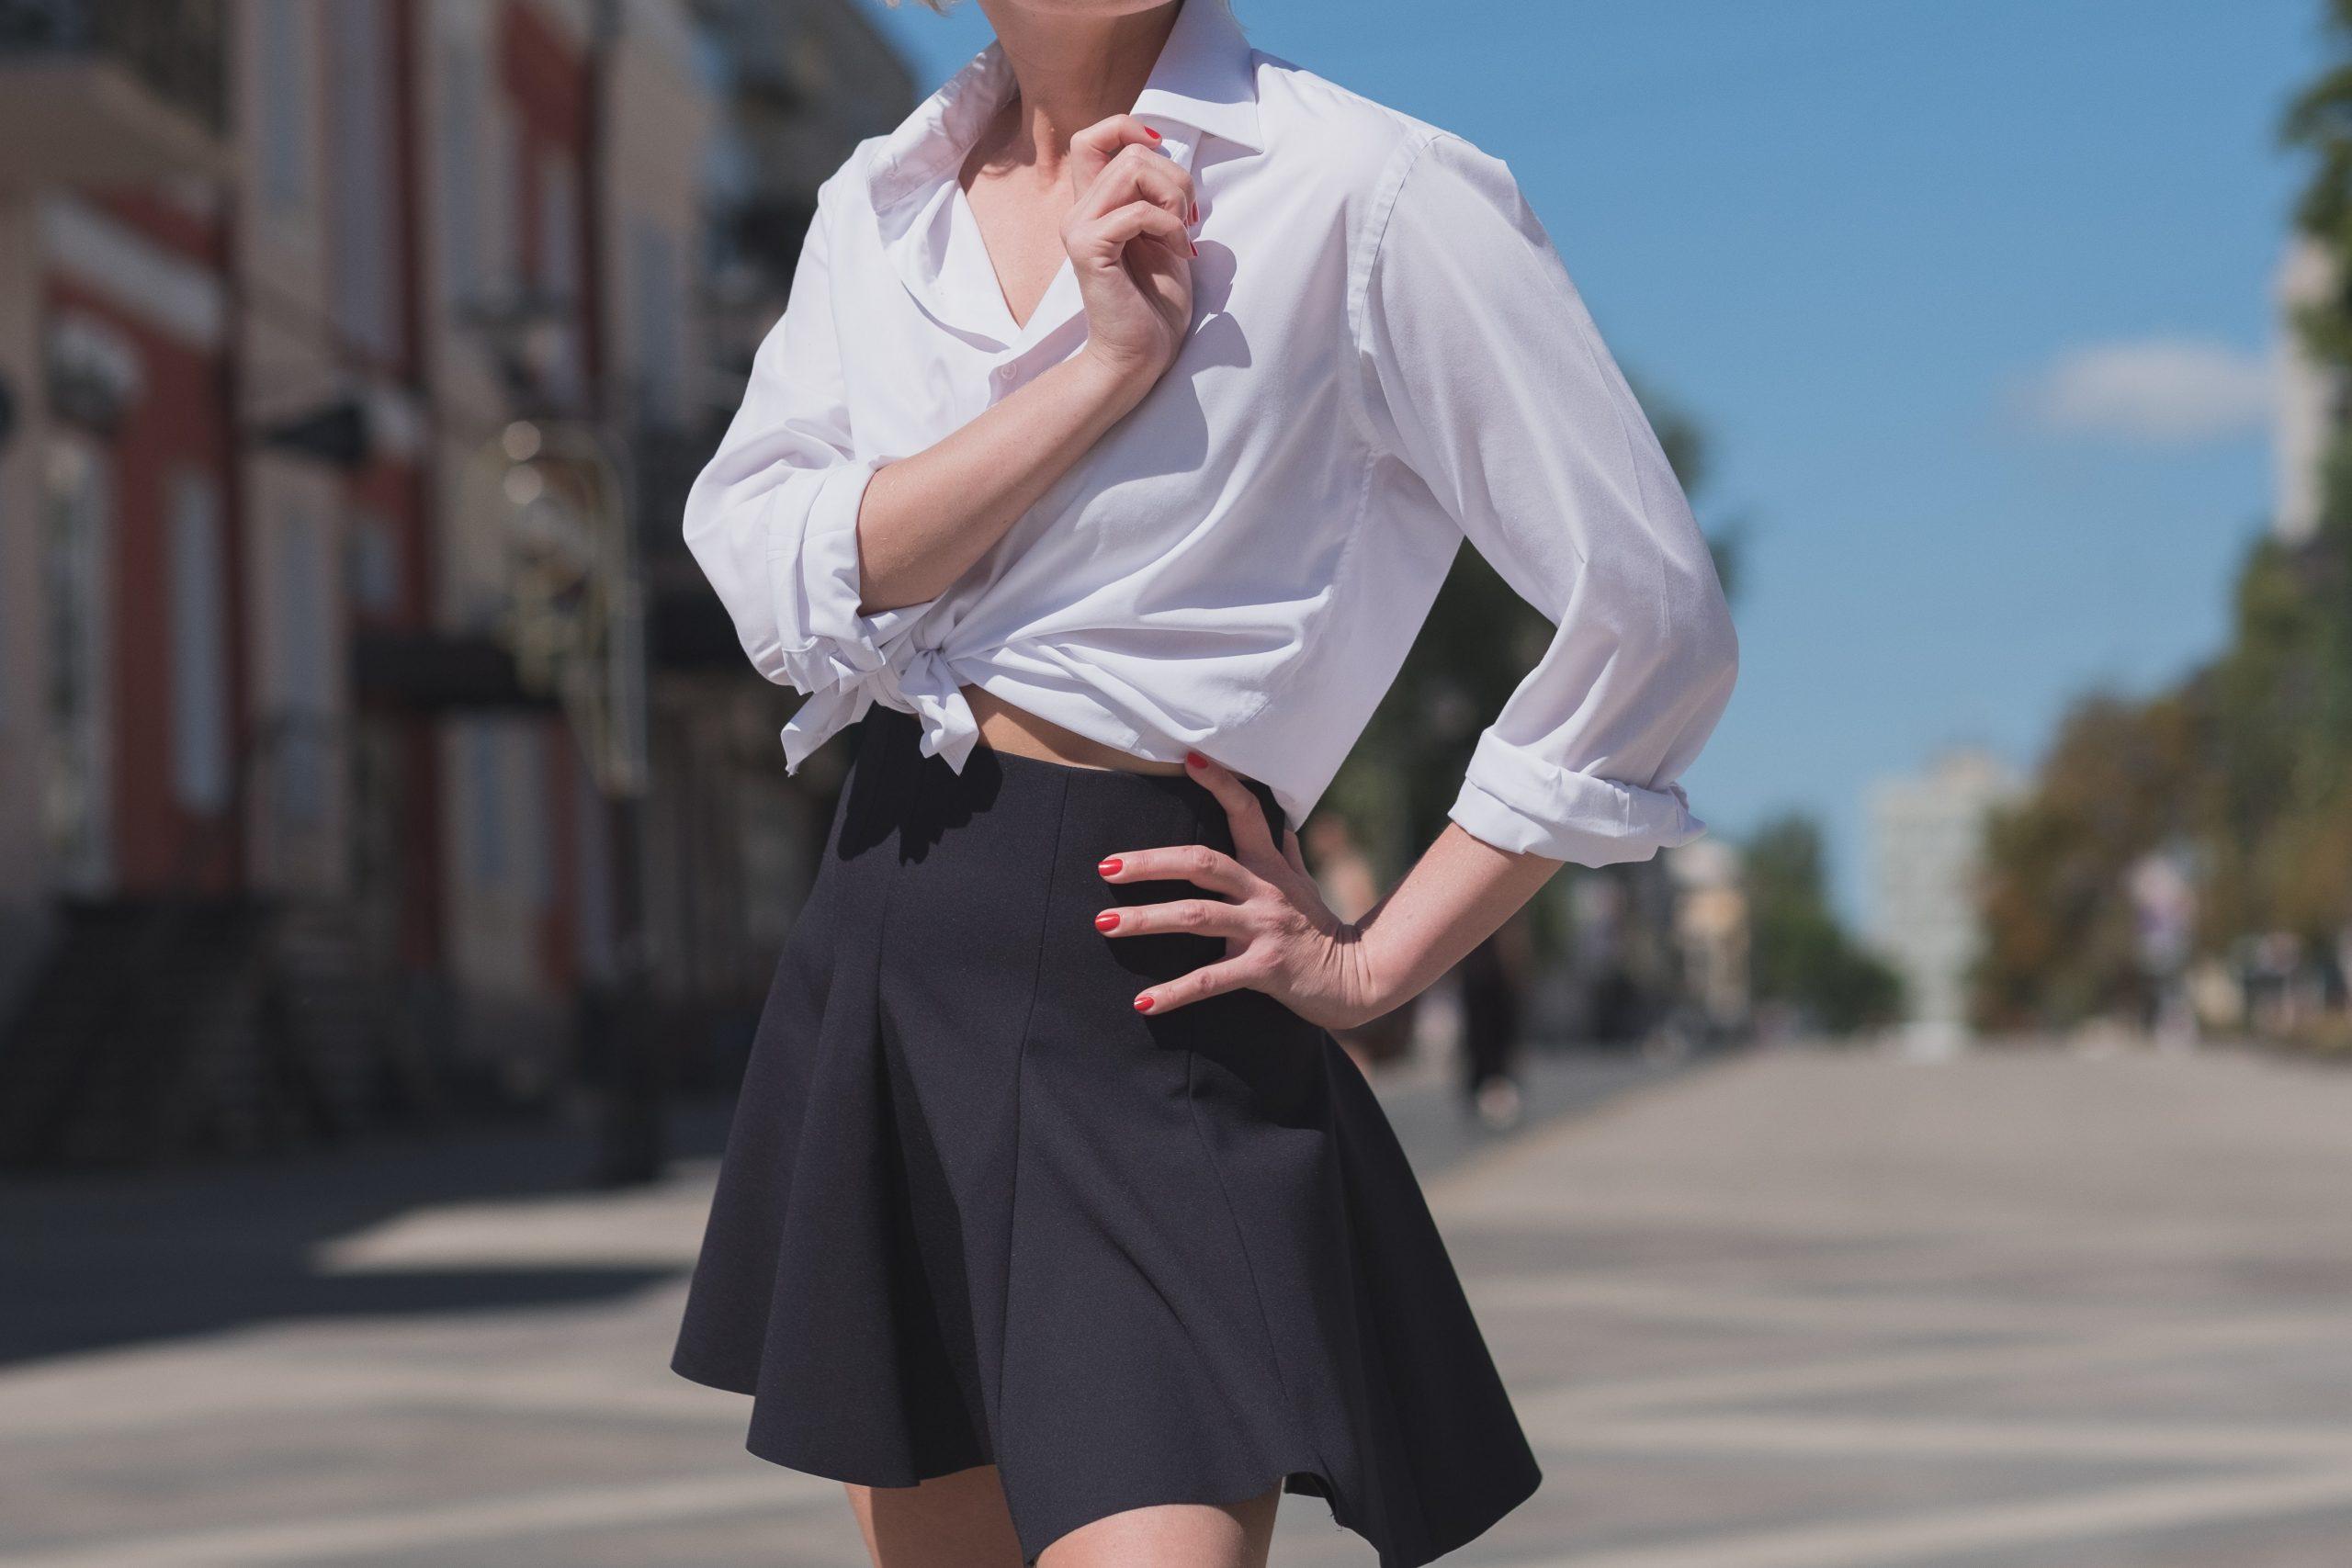 woman fashion sexy skirt